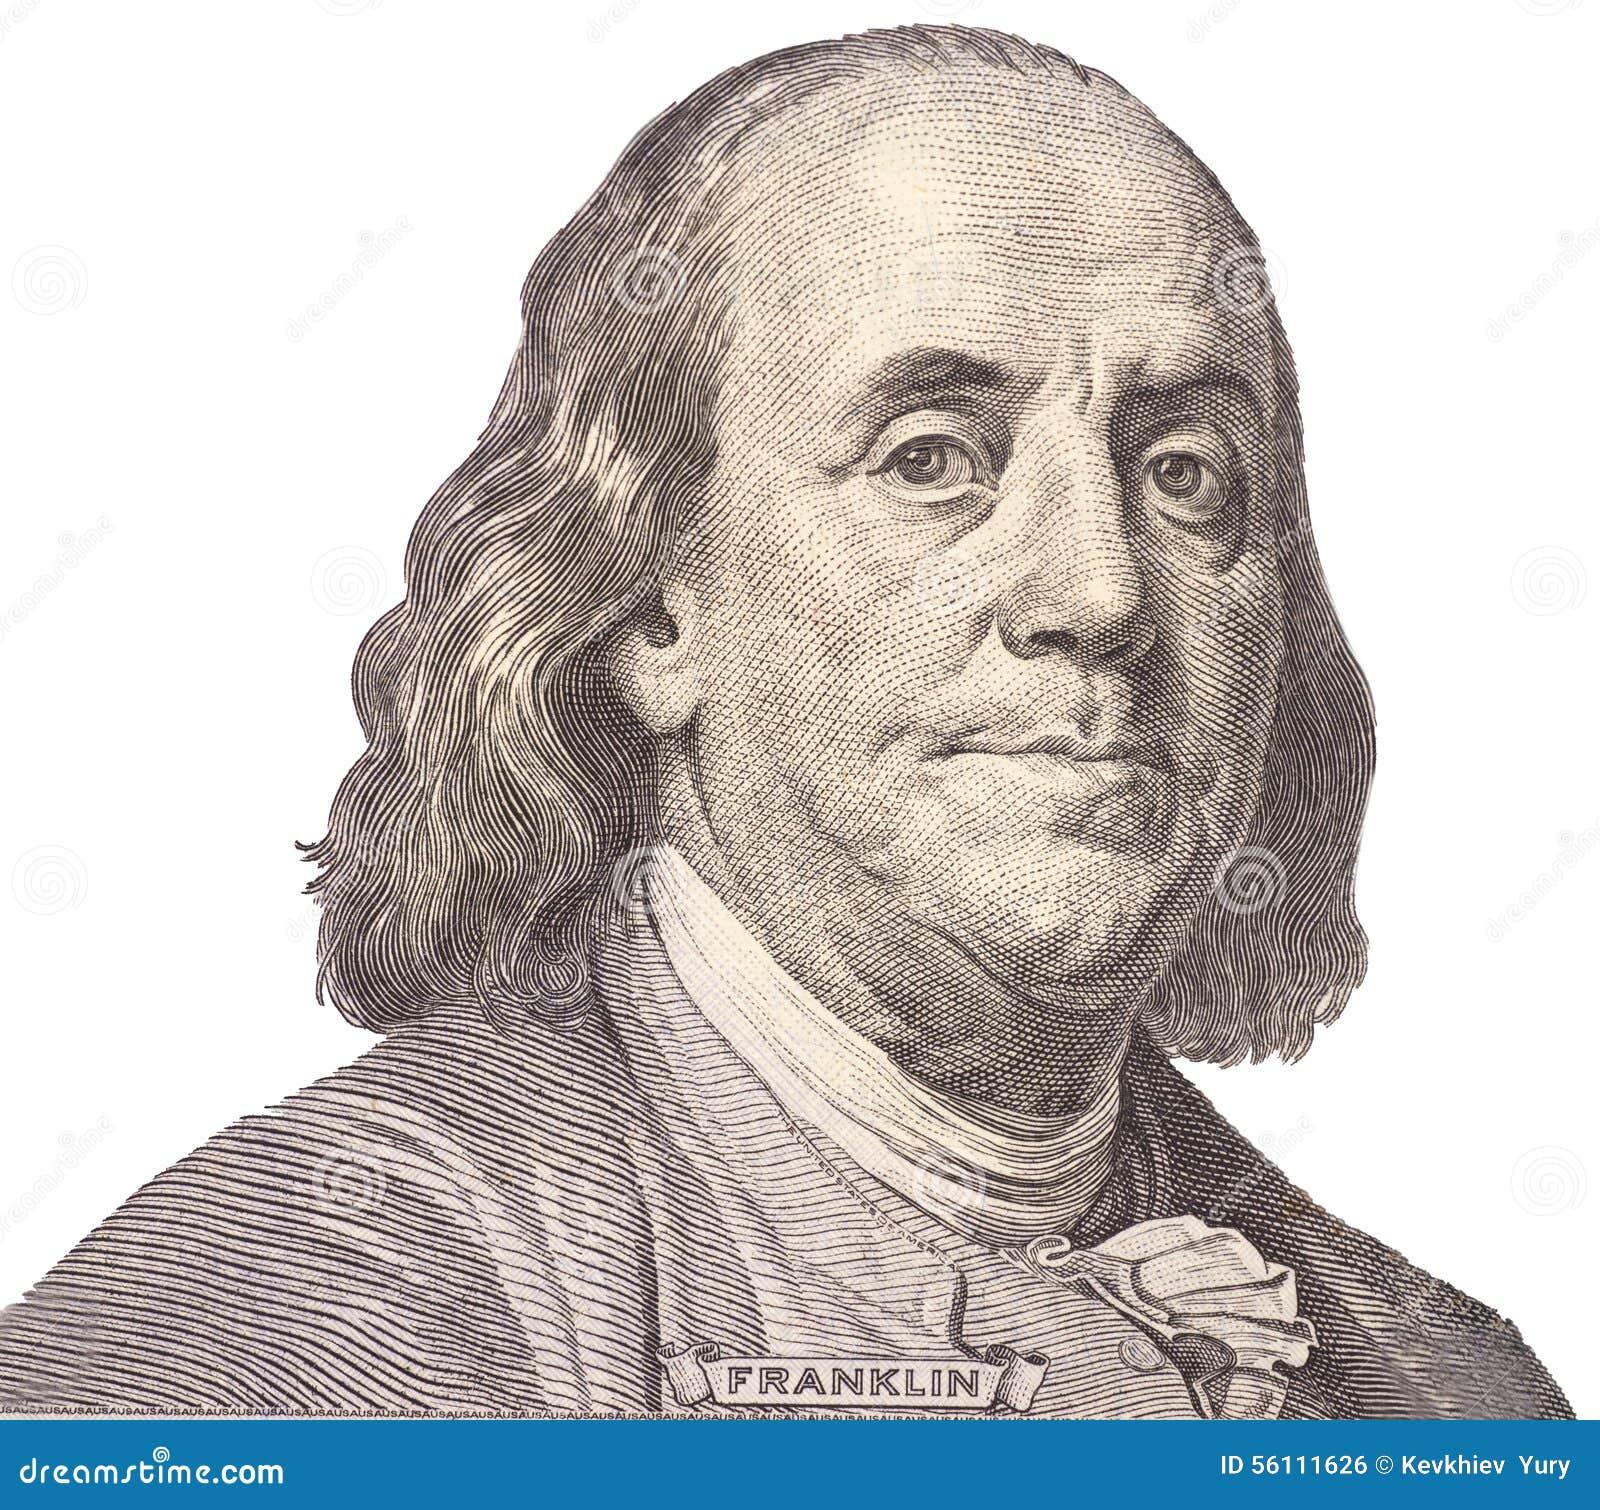 Portret van de staatsman, de uitvinder, en de diplomaat Benjamin Franklin van de V S President Benjamin Franklin